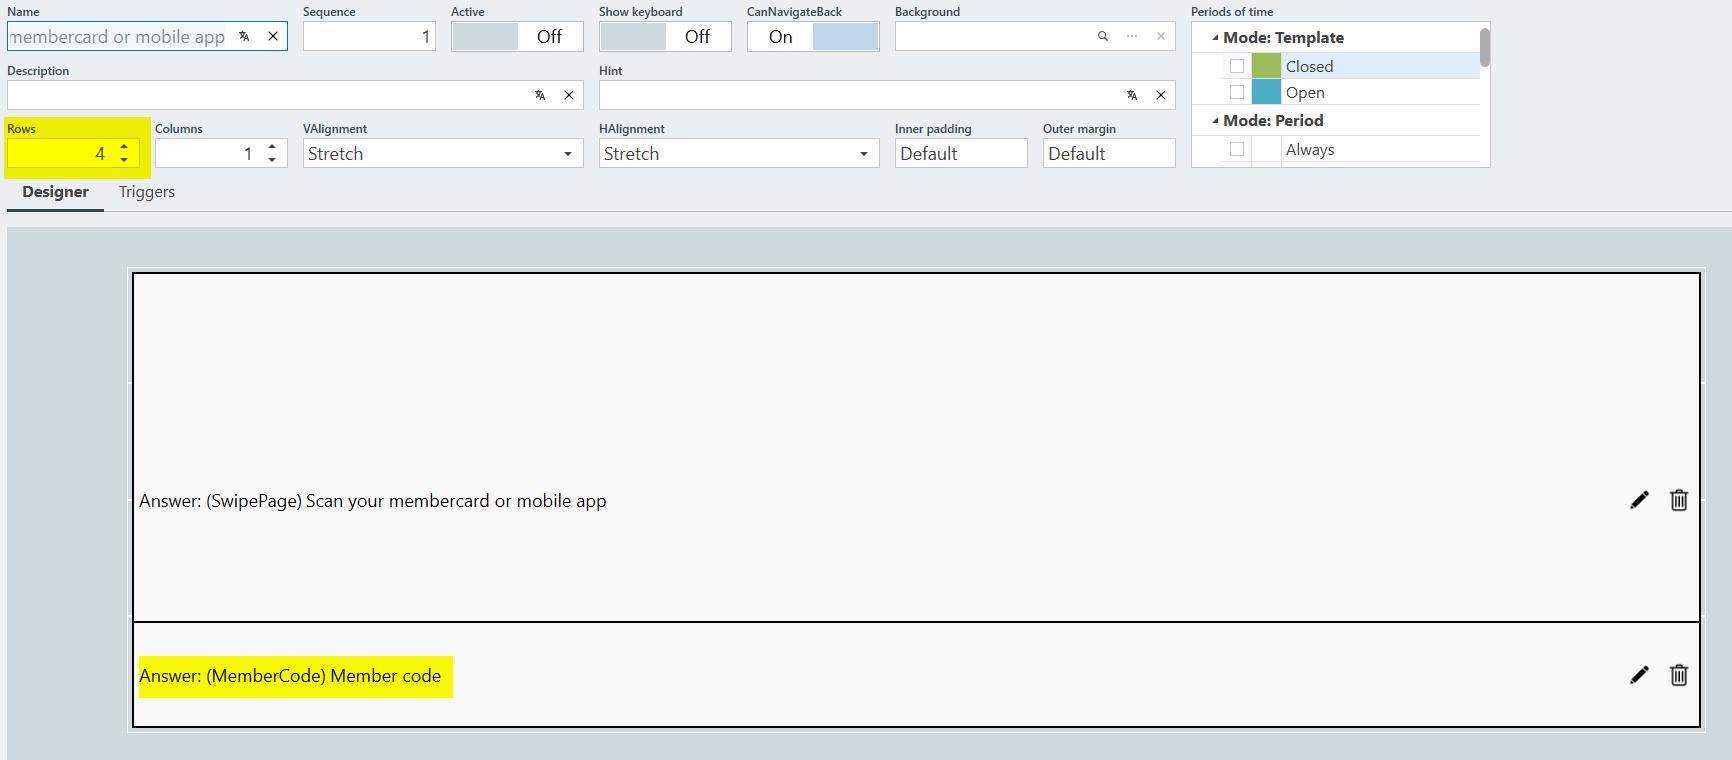 configuration to enter a member card code manually